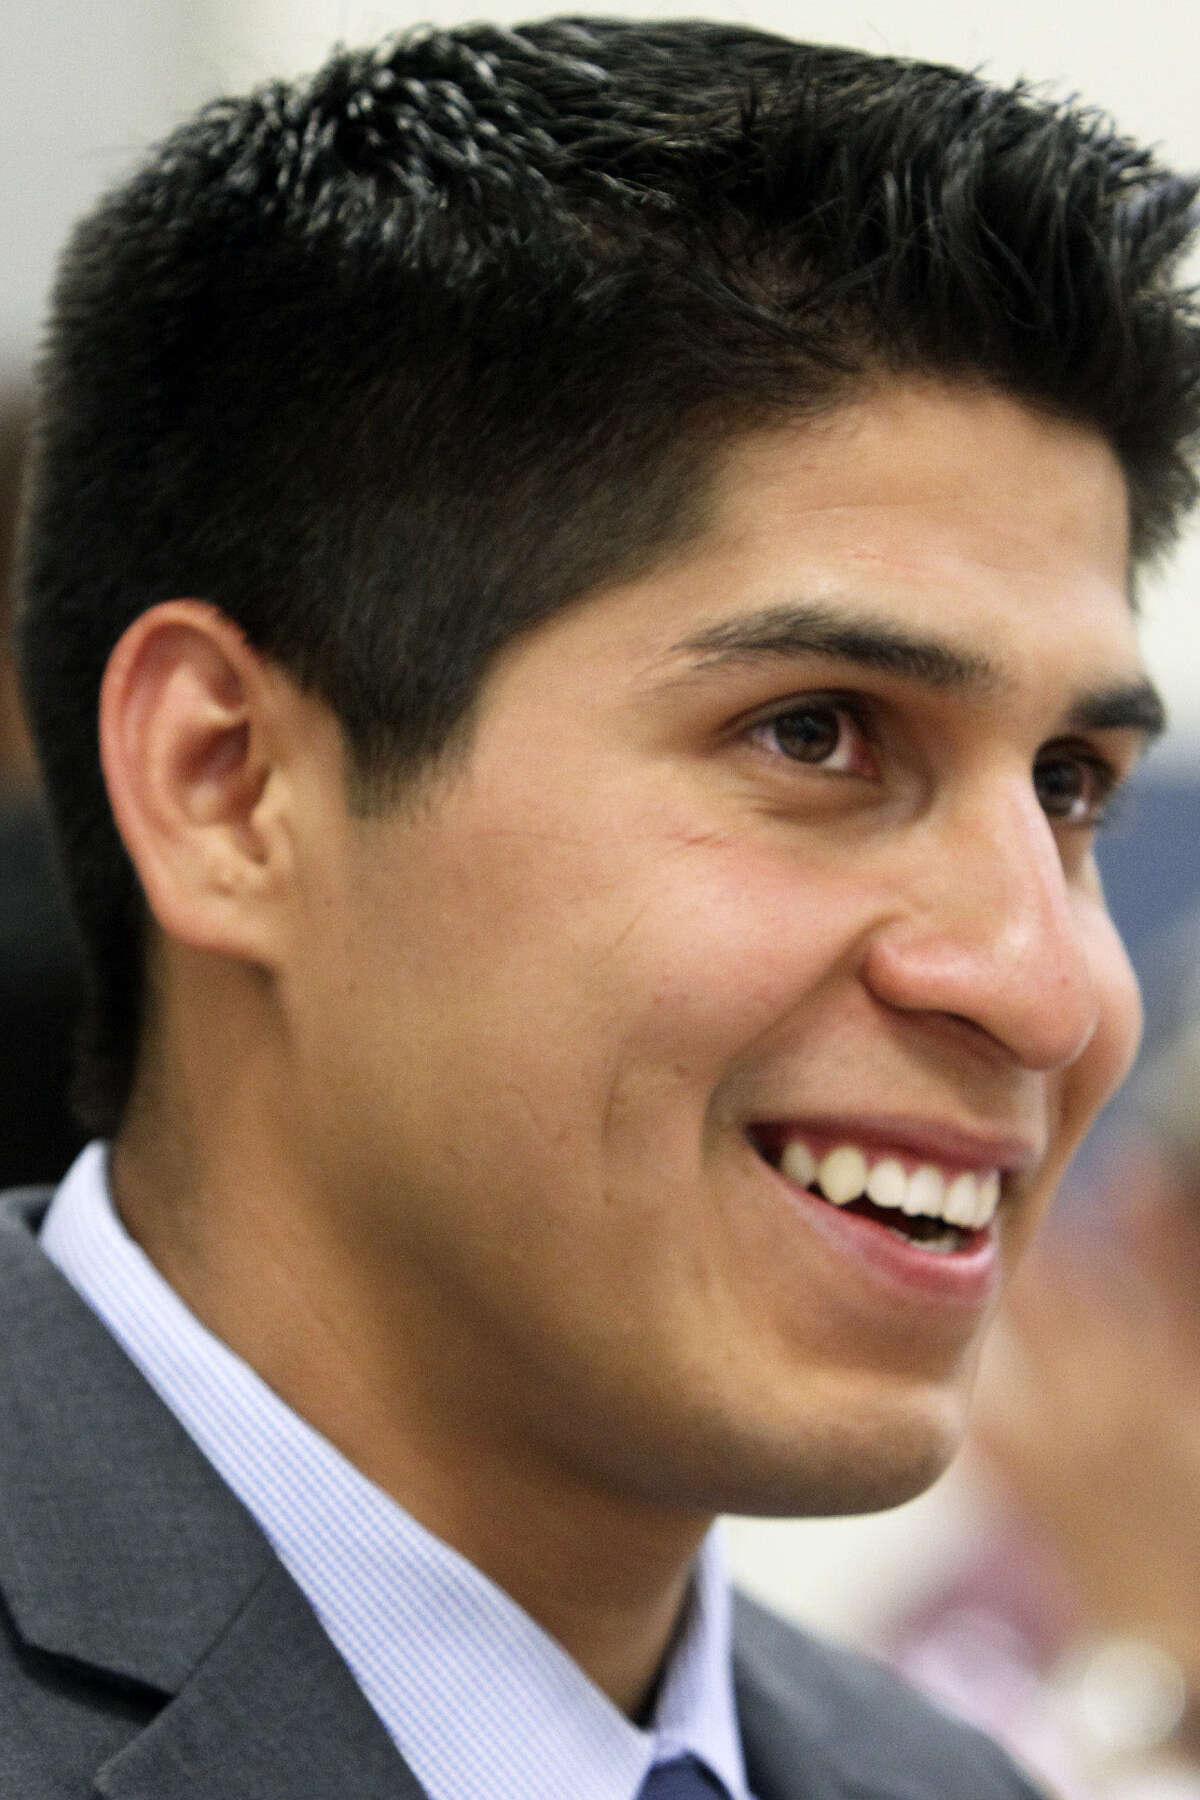 Rey Saldaña represents District 4 on the San Antonio City Council.